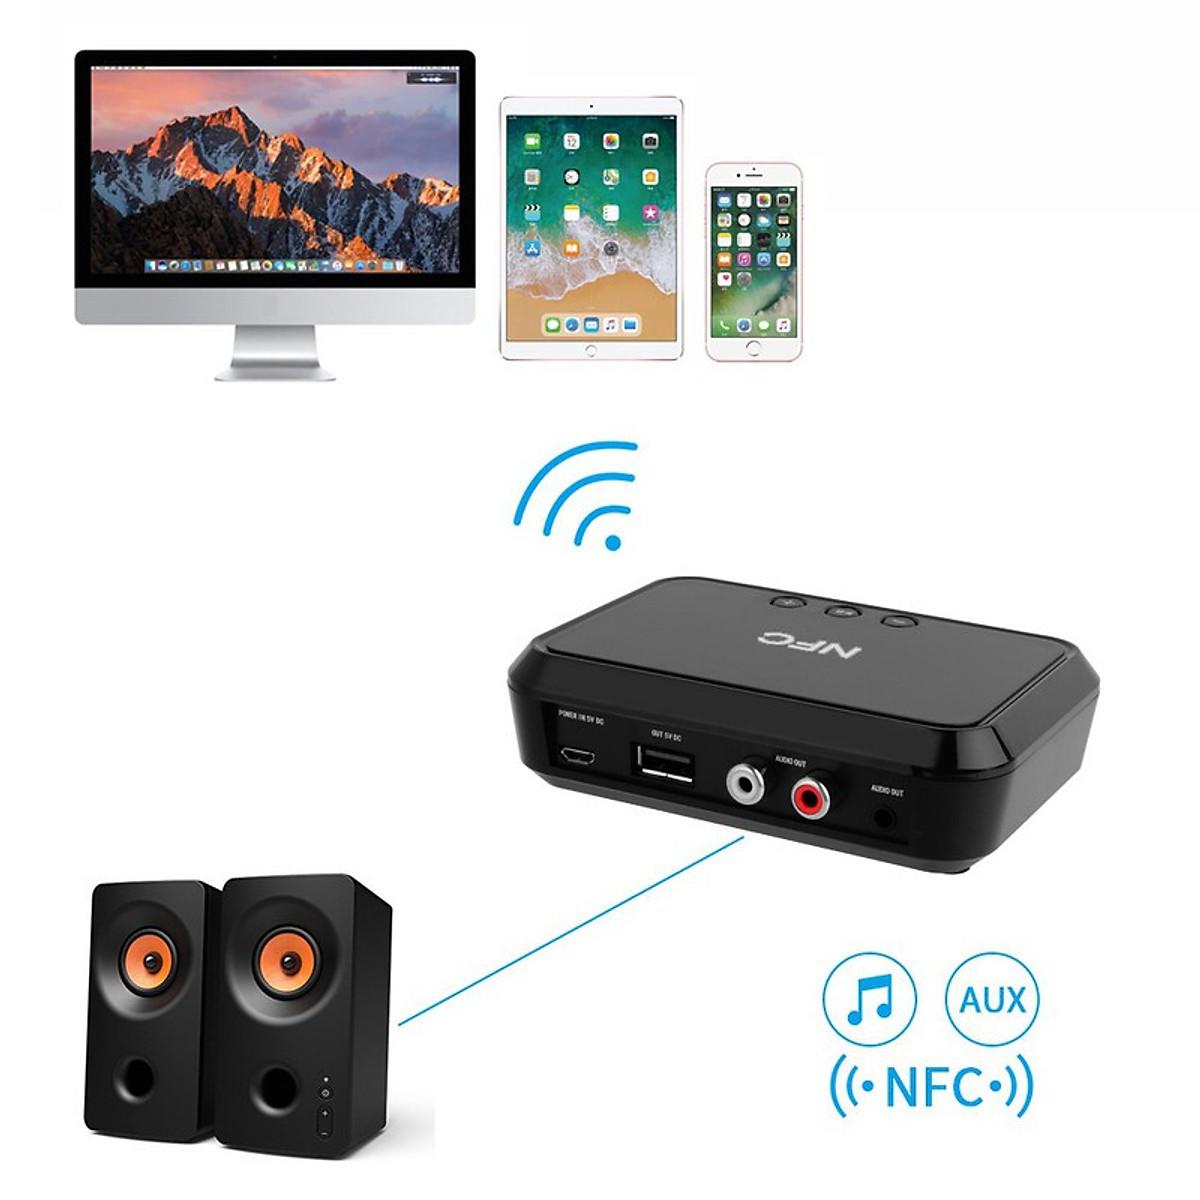 Thiết Bị Nhận Bluetooth Cho Loa và Amply BLS-B10 NFC - 3